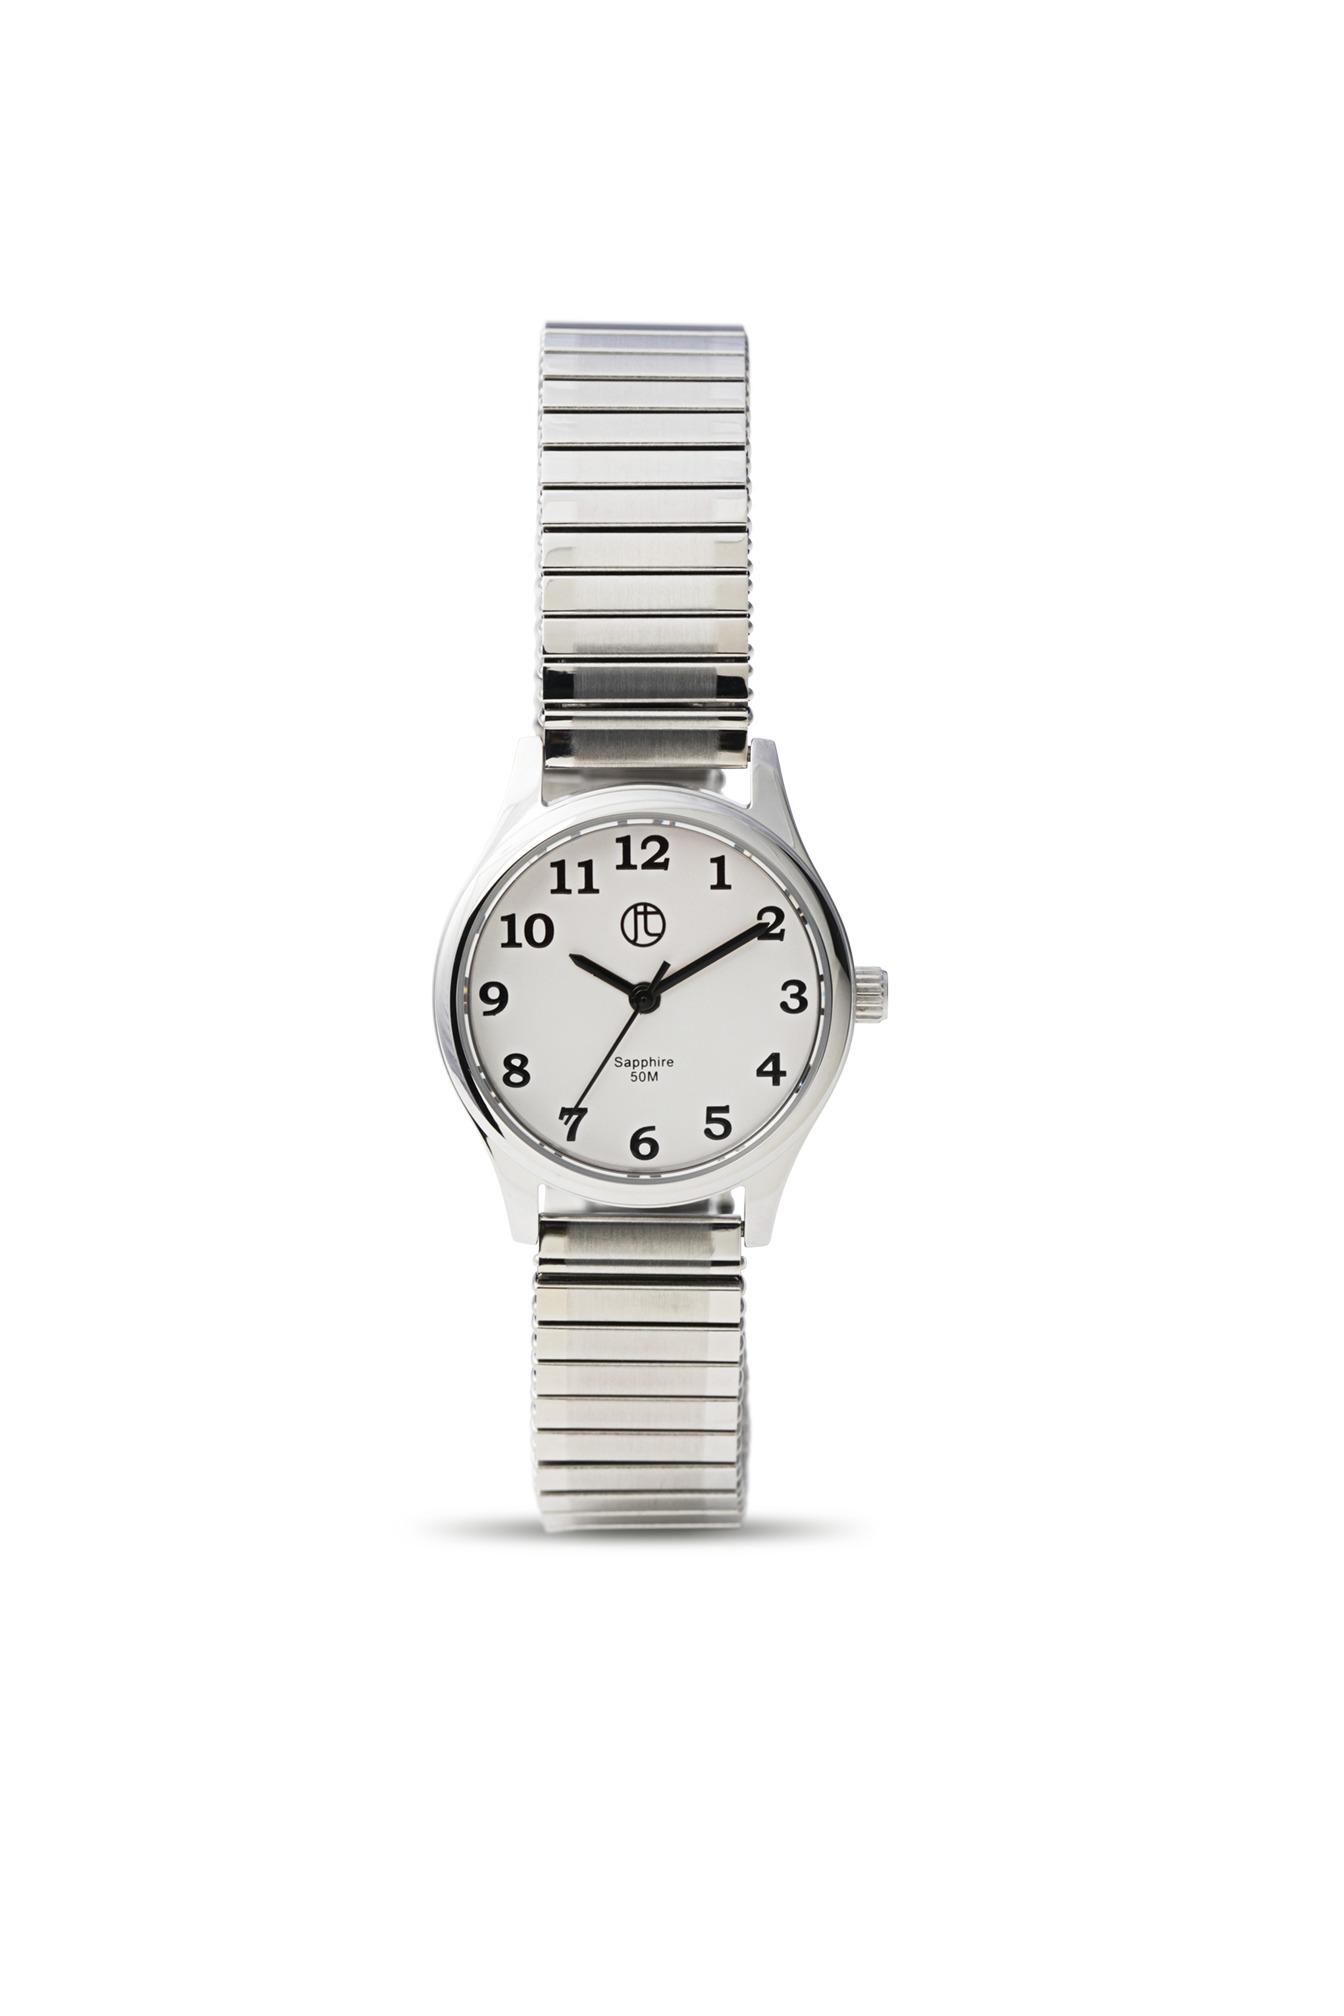 Jeweltime dame ur med flexrem - 3176l-g fra jeweltime på brodersen + kobborg